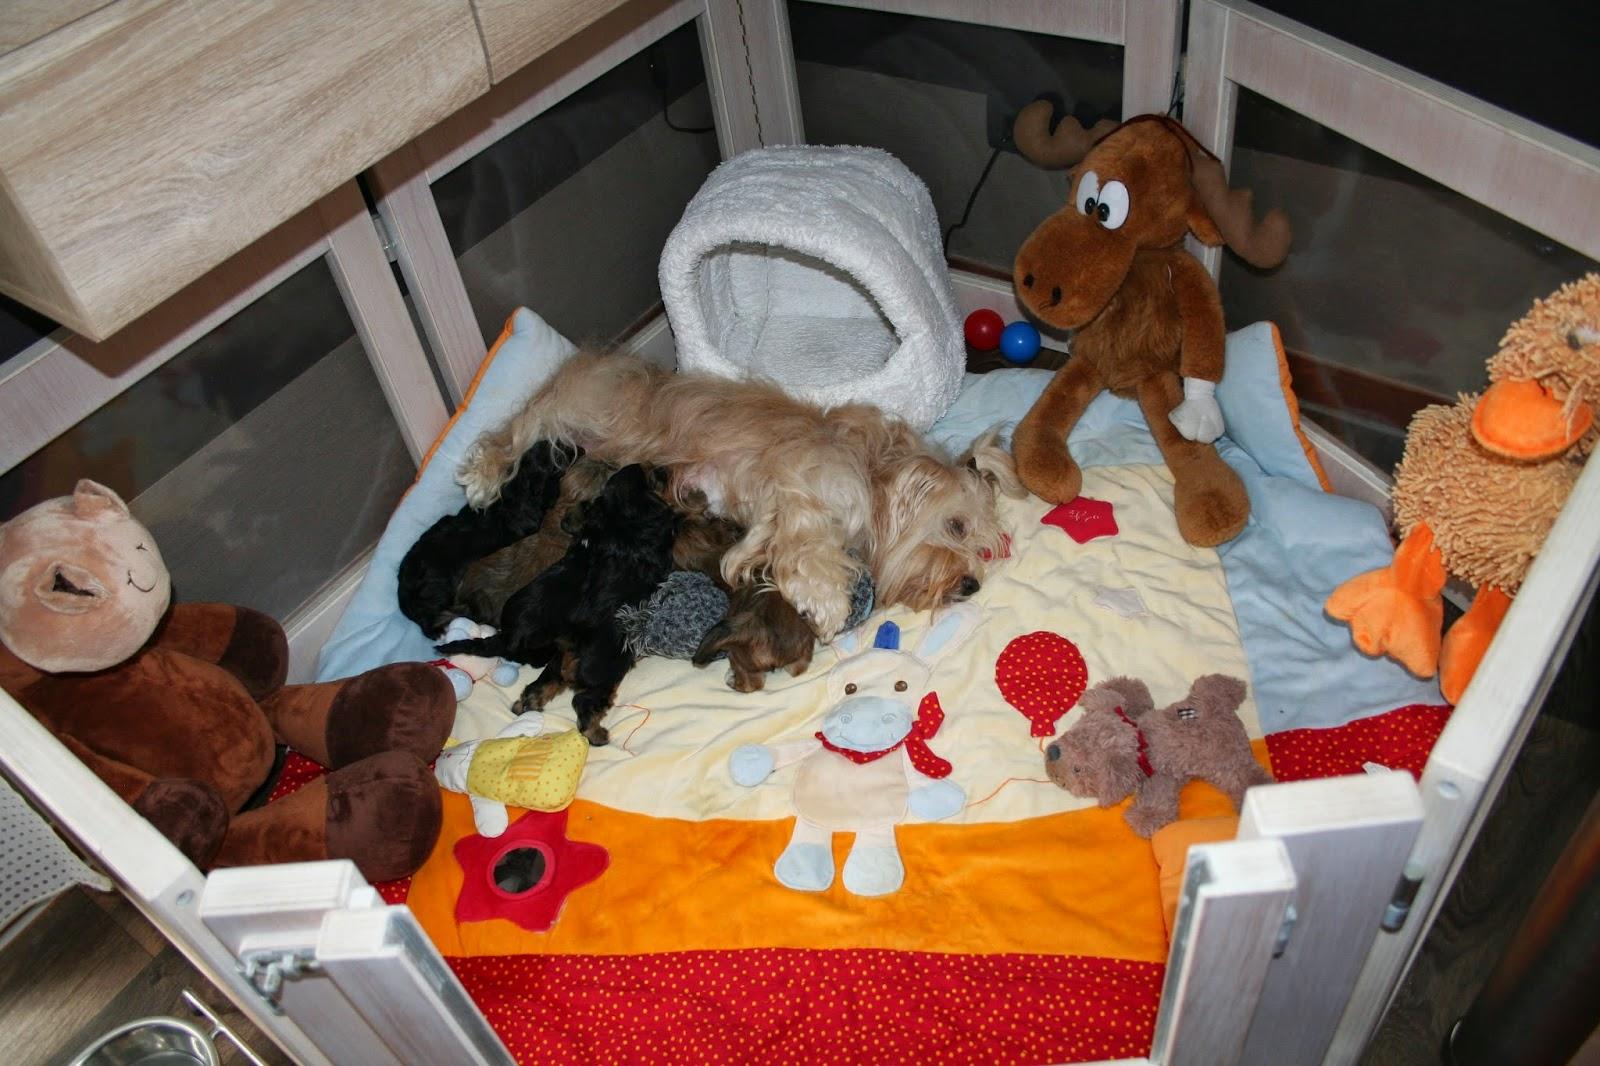 Havaneser Welpen - familiäre Hausaufzucht der Havaneser Welpen im VDH FCI liebevolle  Havaneser Mutterhündin